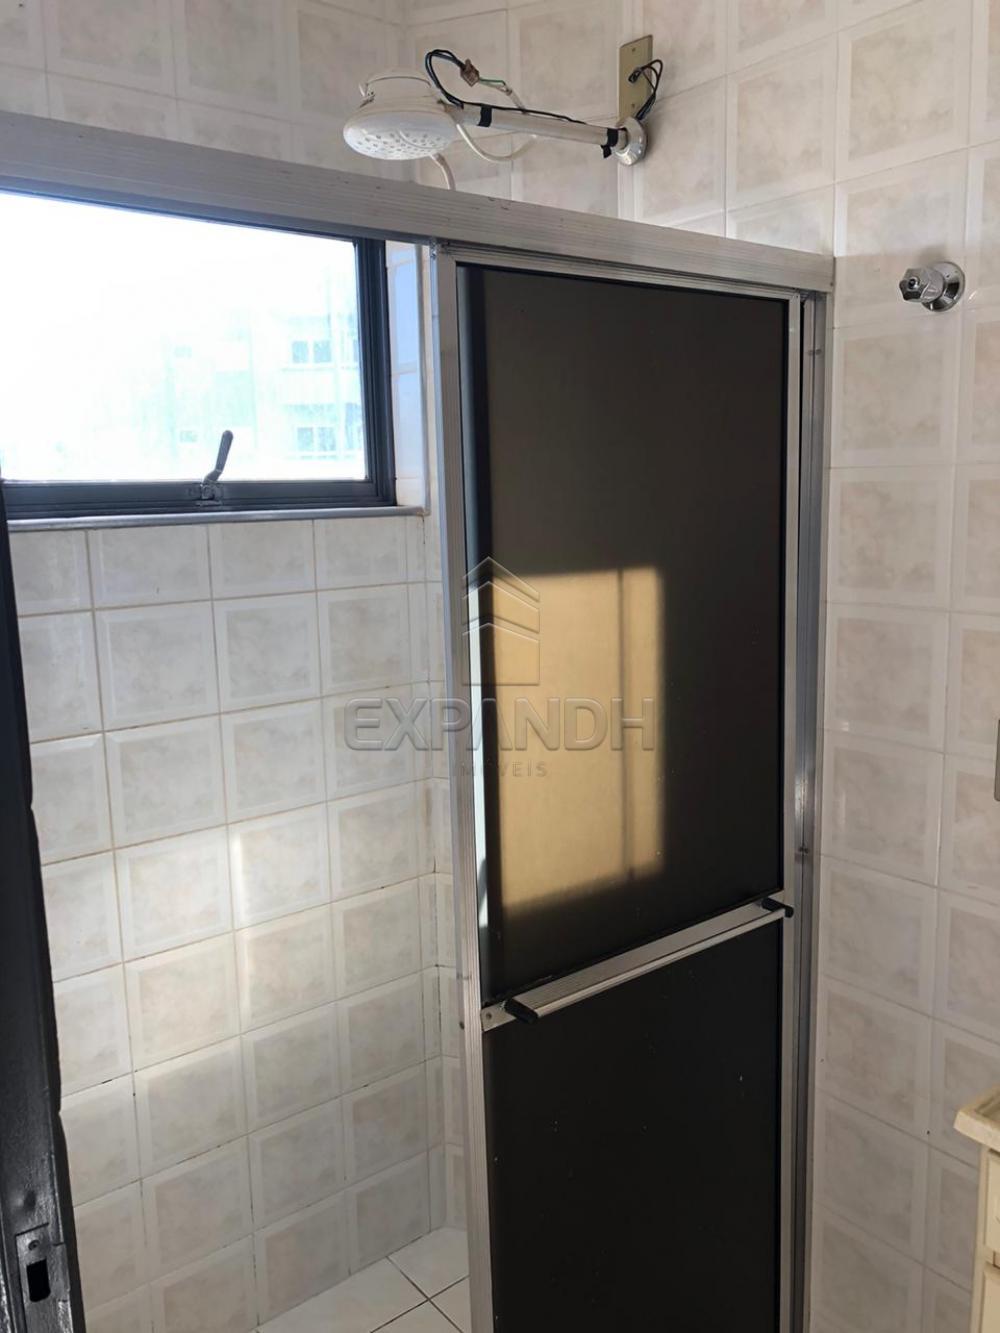 Alugar Apartamentos / Padrão em Sertãozinho apenas R$ 900,00 - Foto 18